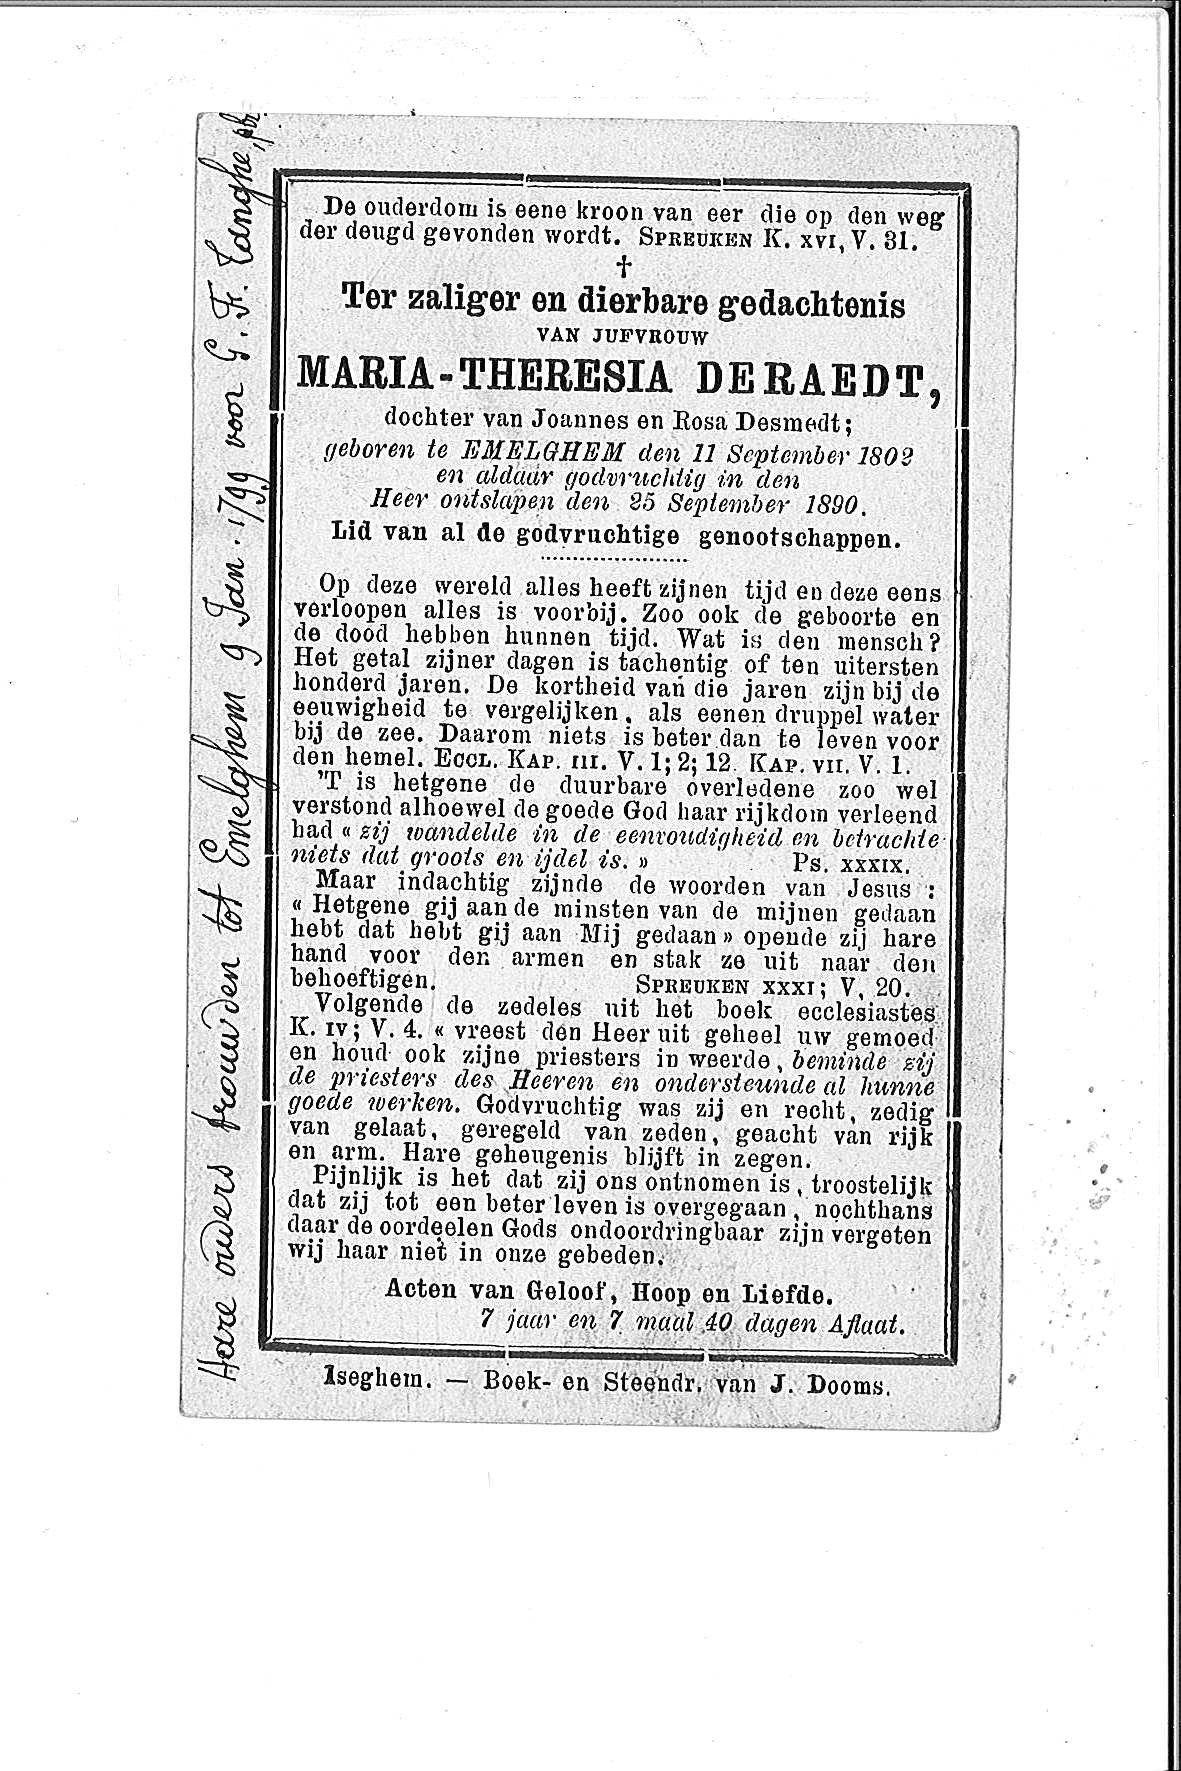 Maria-Theresia(1890)20150420110615_00020.jpg